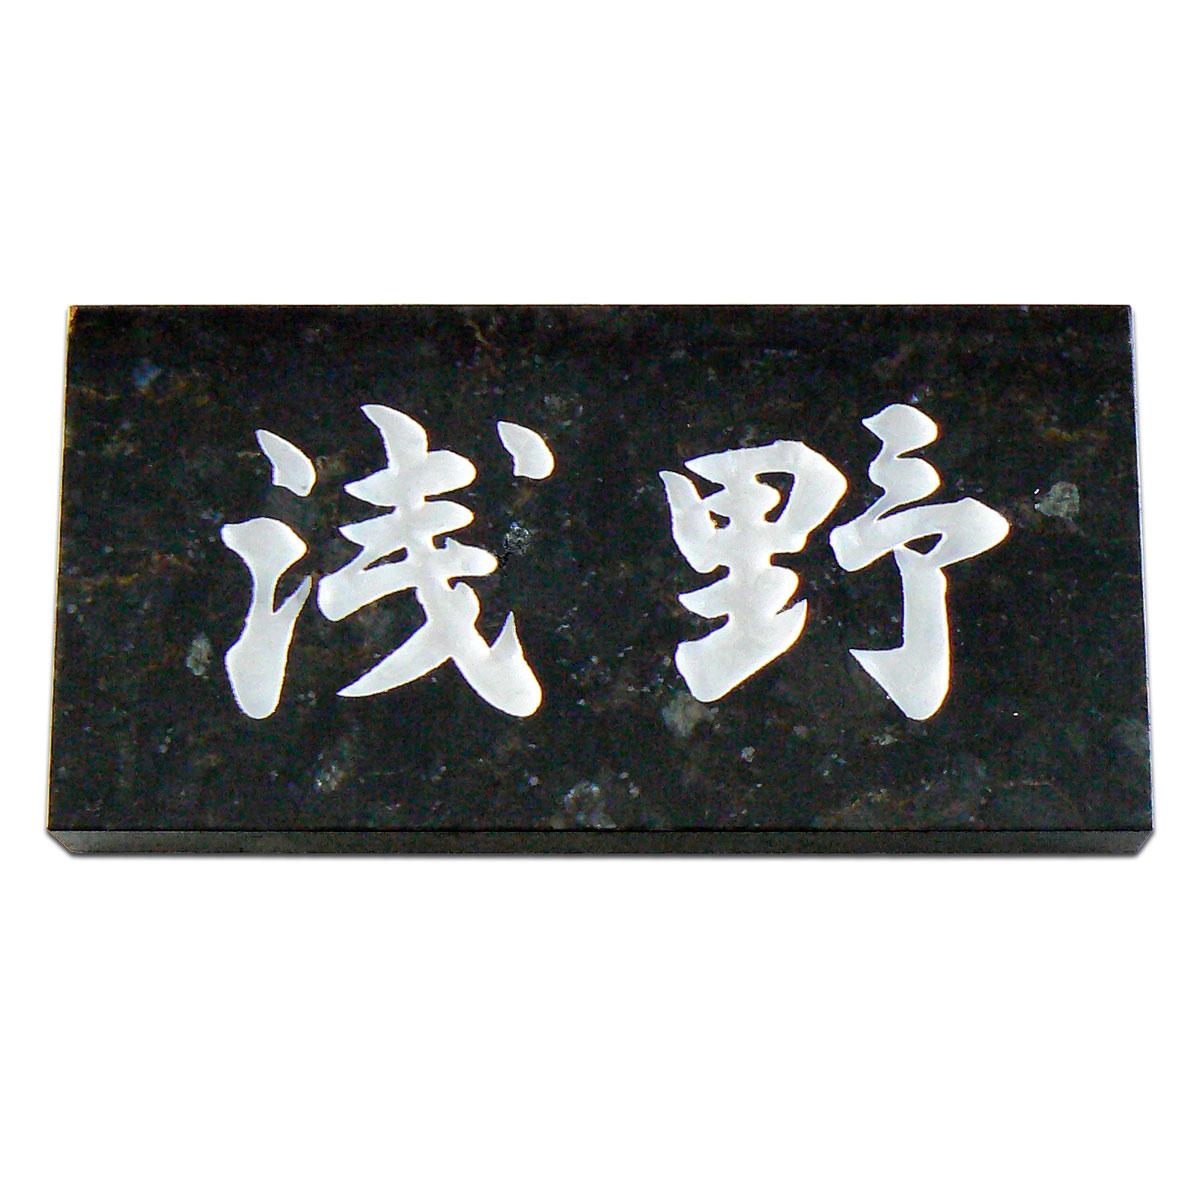 天然石スタンダード シンプルな石の表札エメラルドパール 【送料無料】